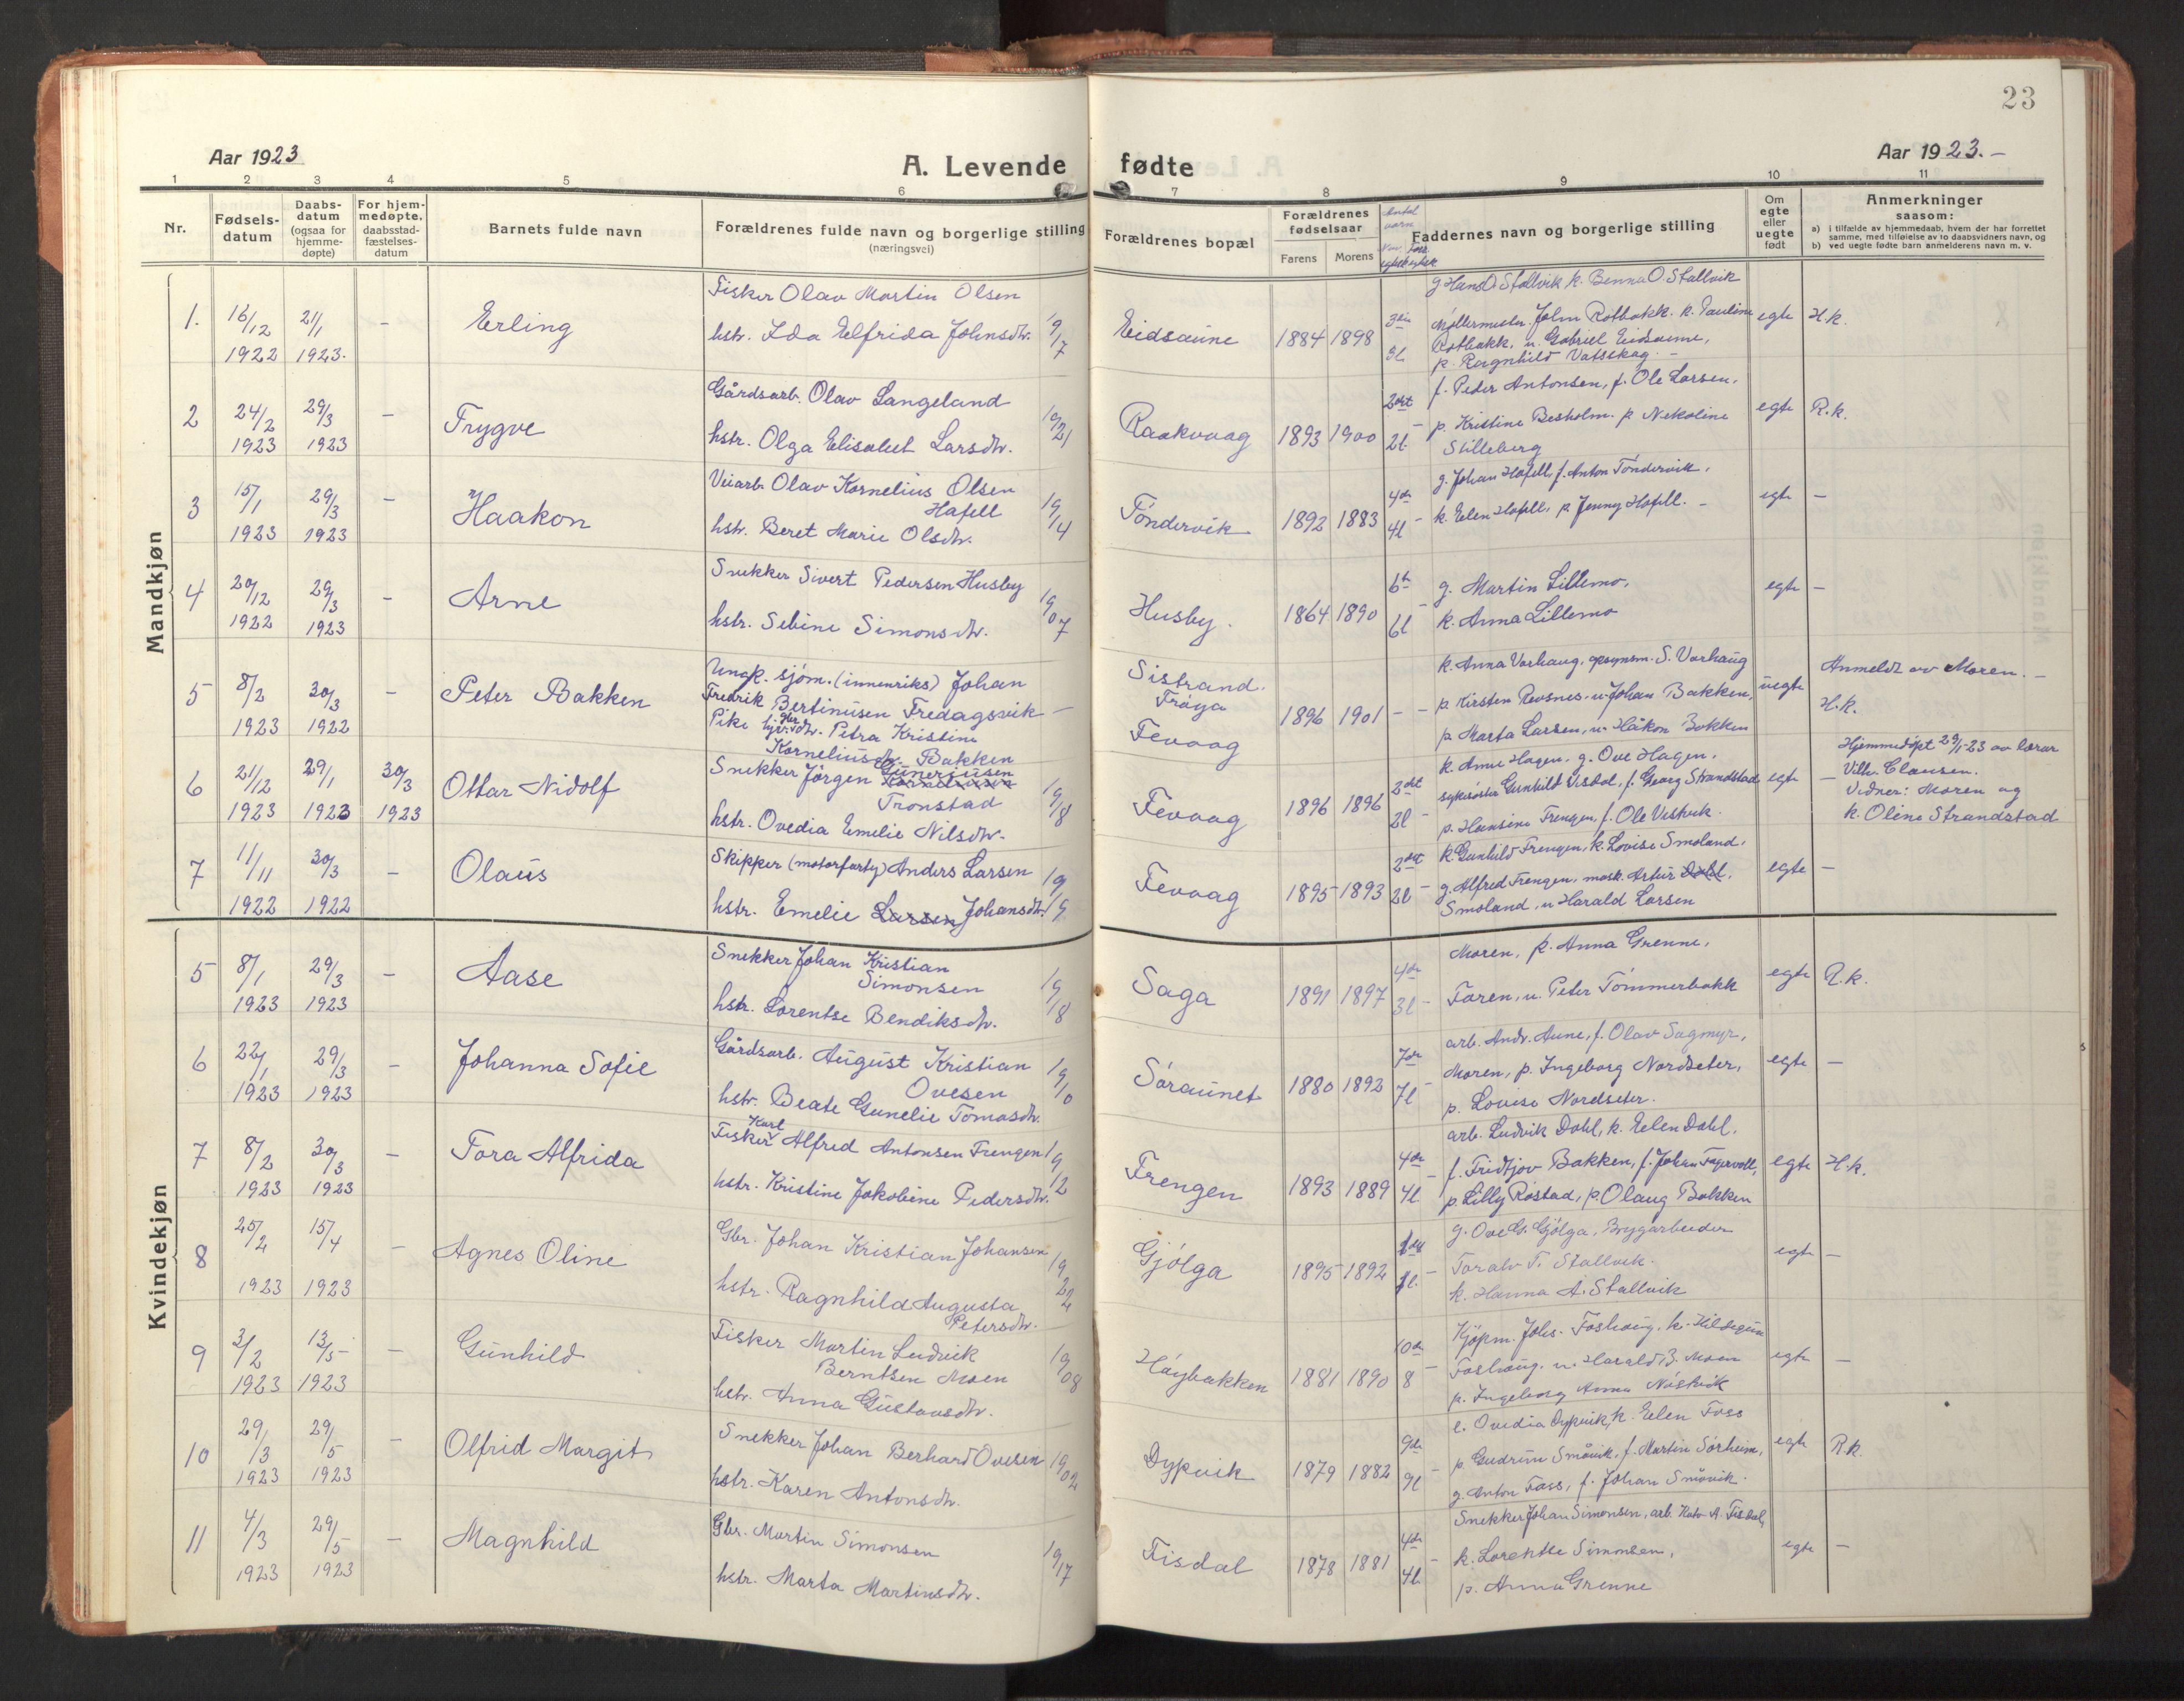 SAT, Ministerialprotokoller, klokkerbøker og fødselsregistre - Sør-Trøndelag, 653/L0658: Klokkerbok nr. 653C02, 1919-1947, s. 23